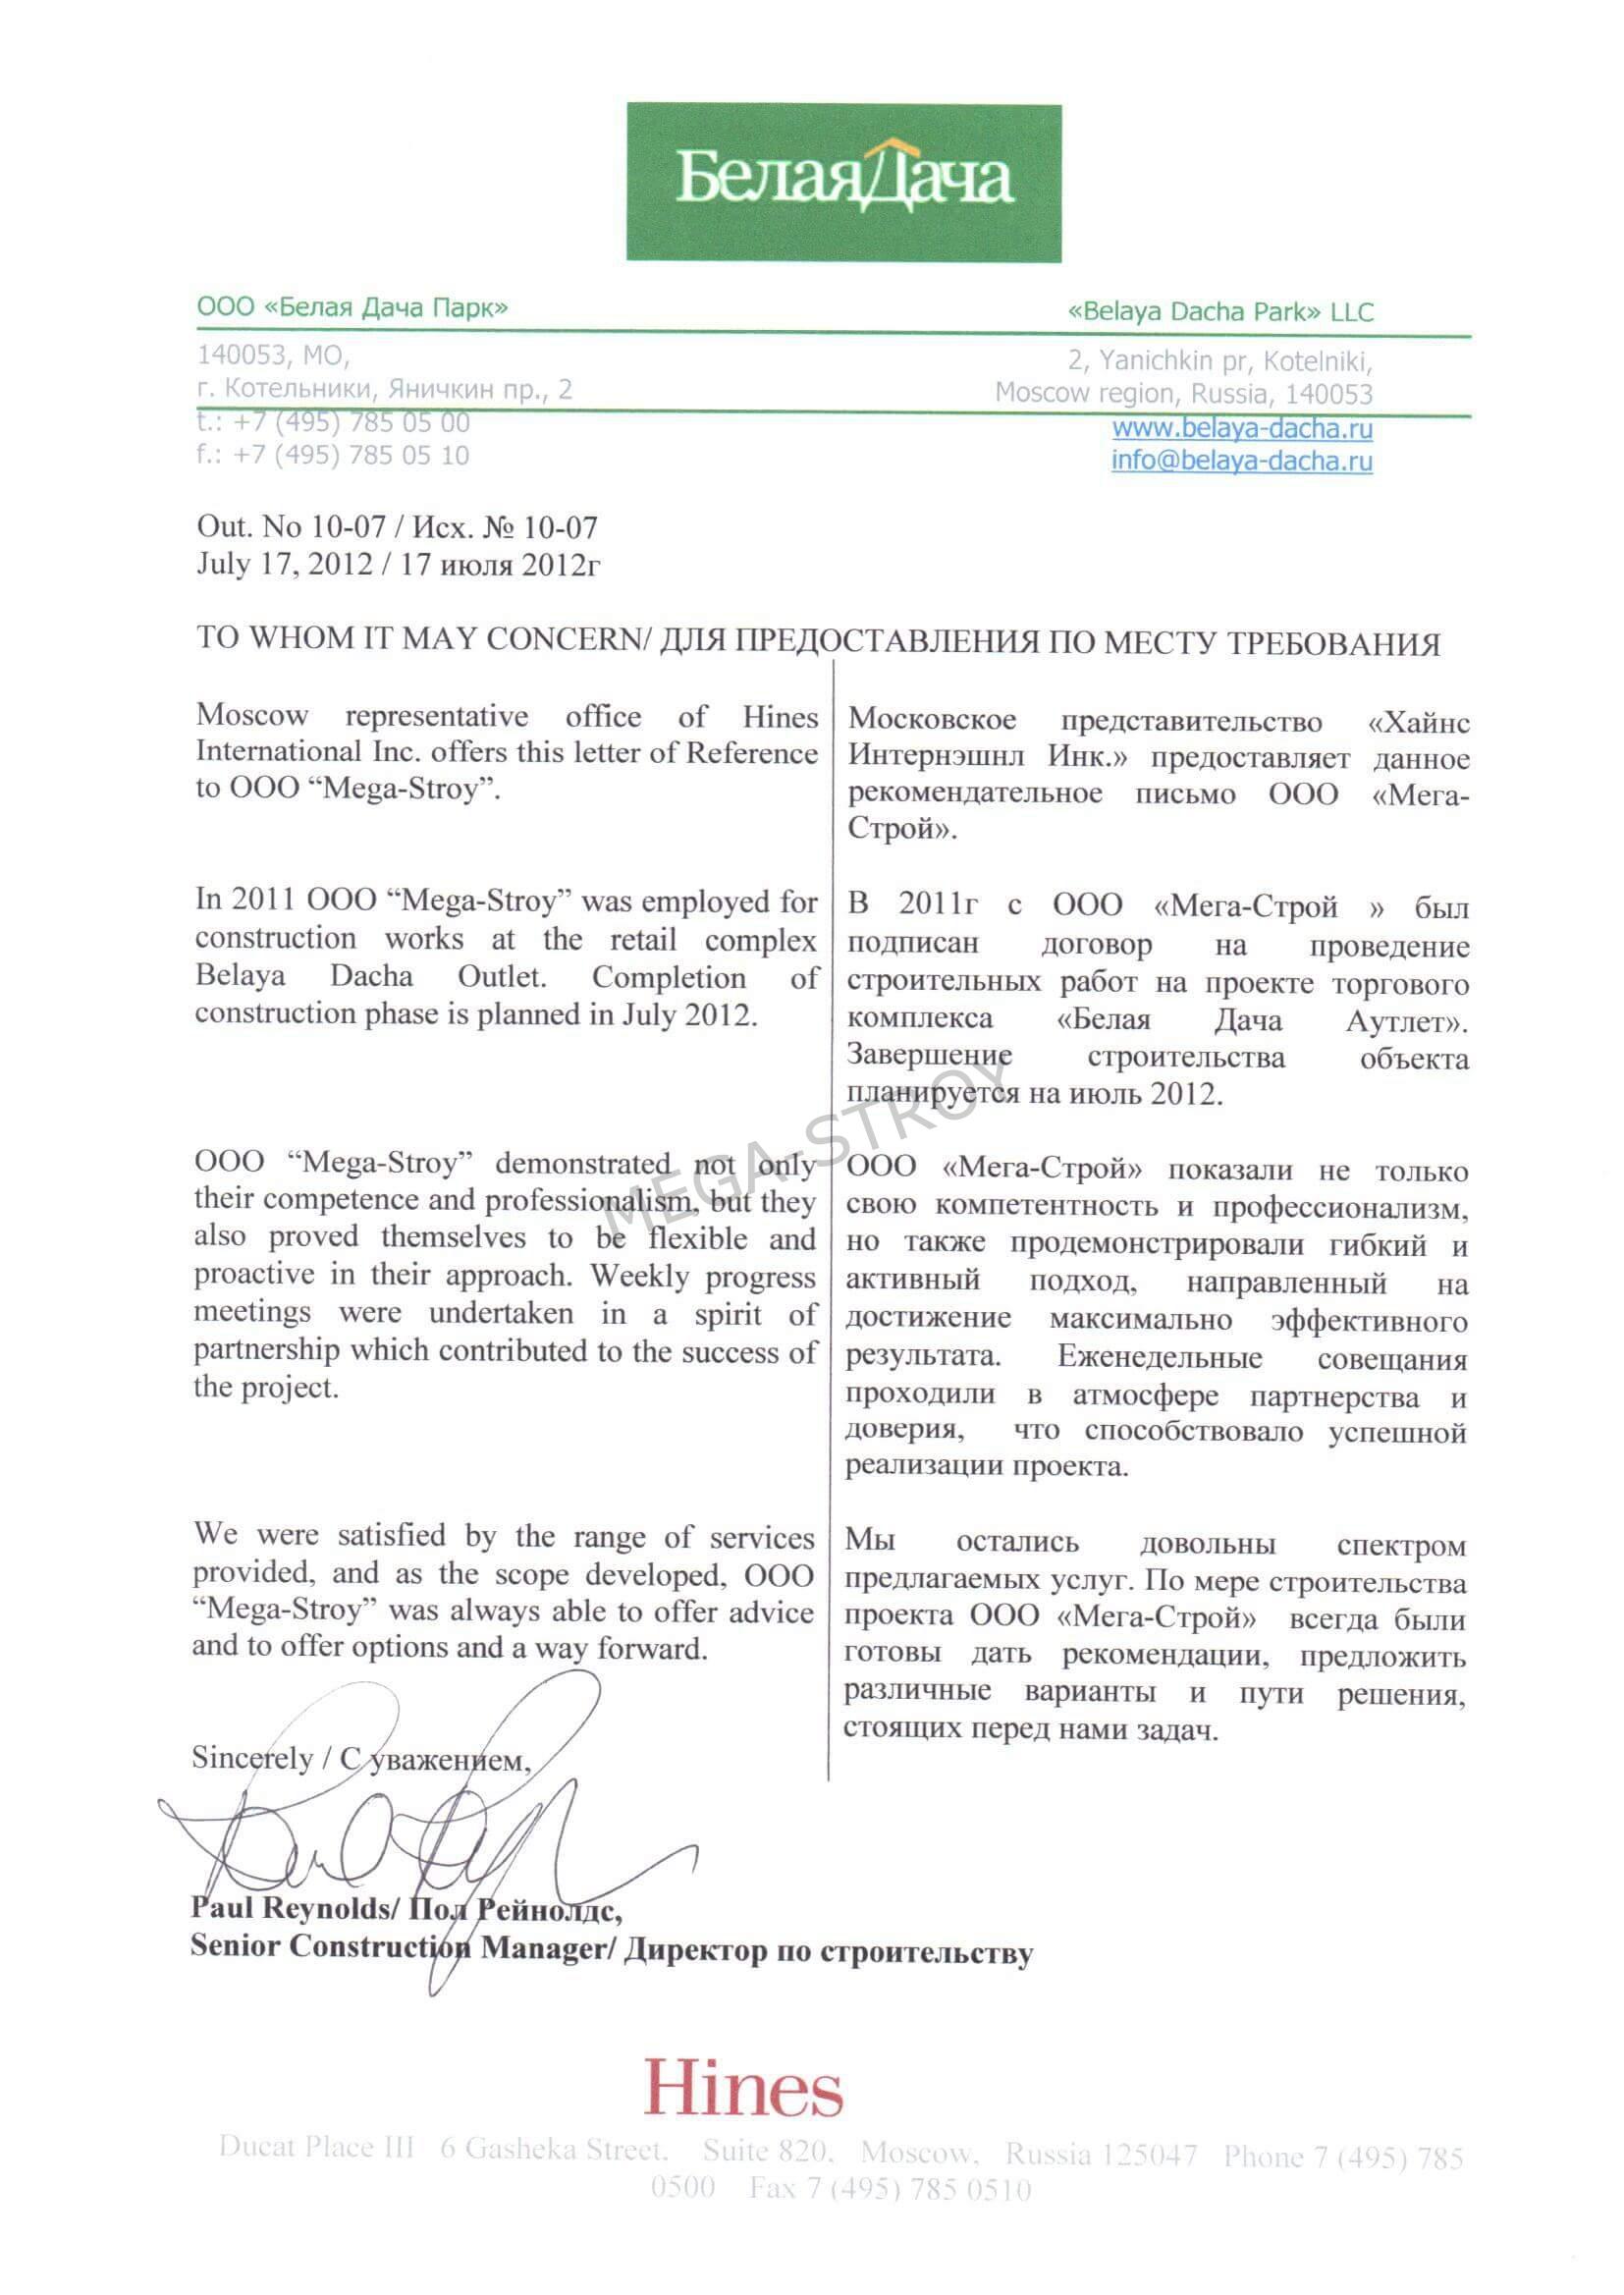 Рекомендательное письмо от Hines (строительство торгового комплекса